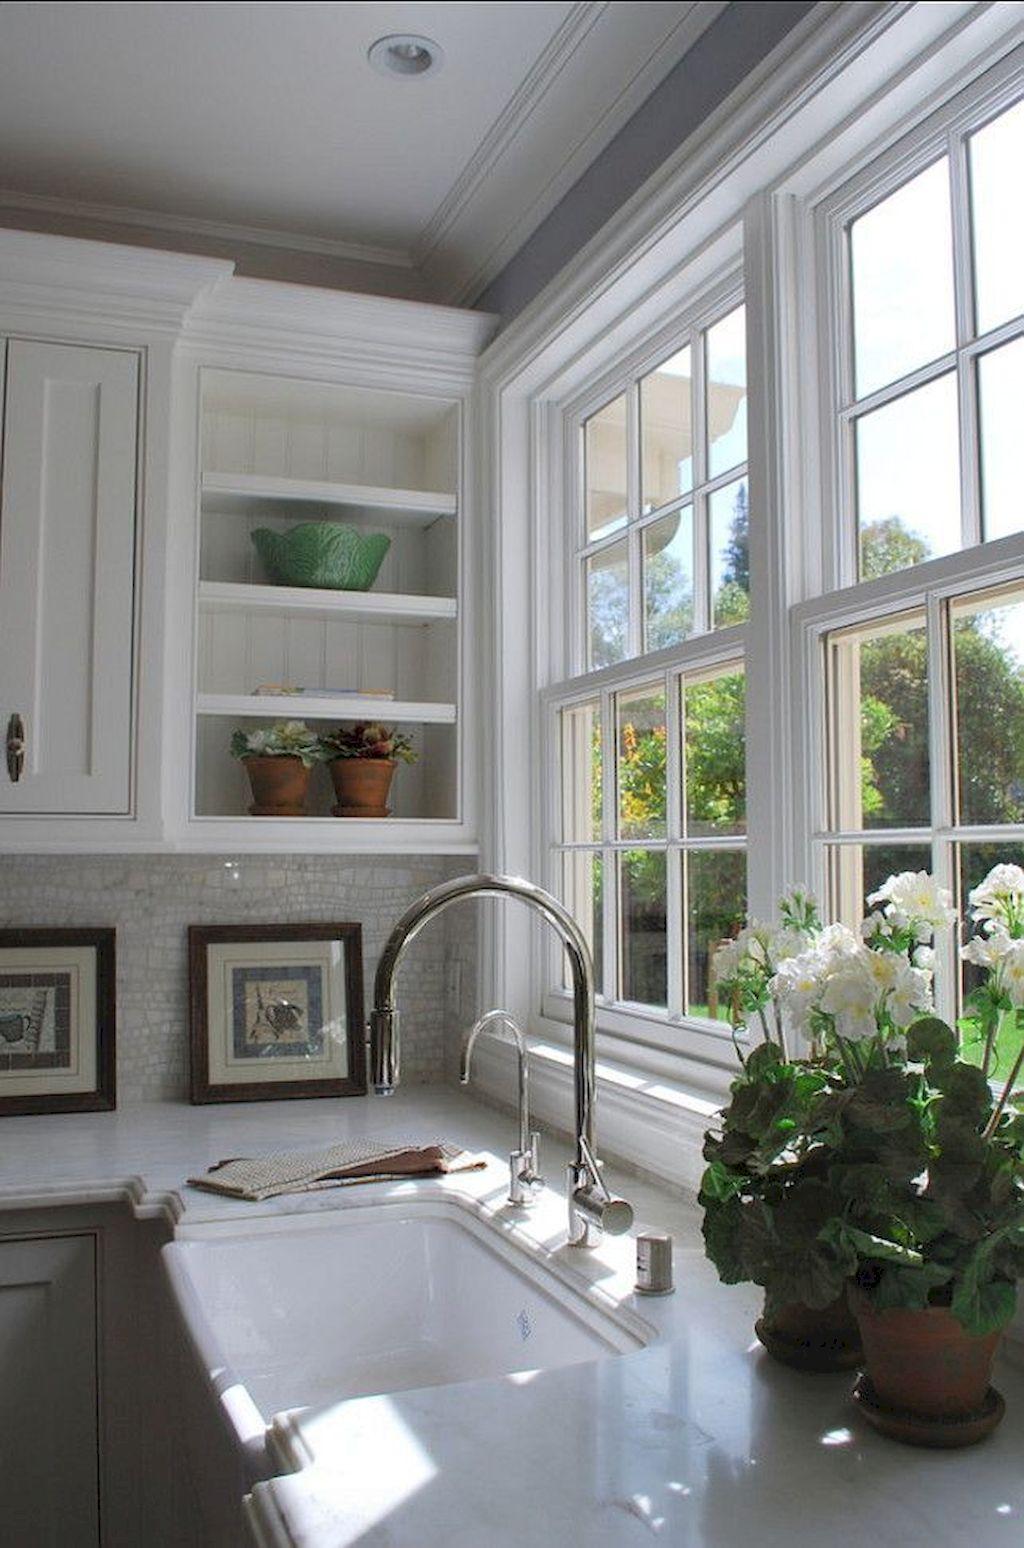 Kitchen Sink028